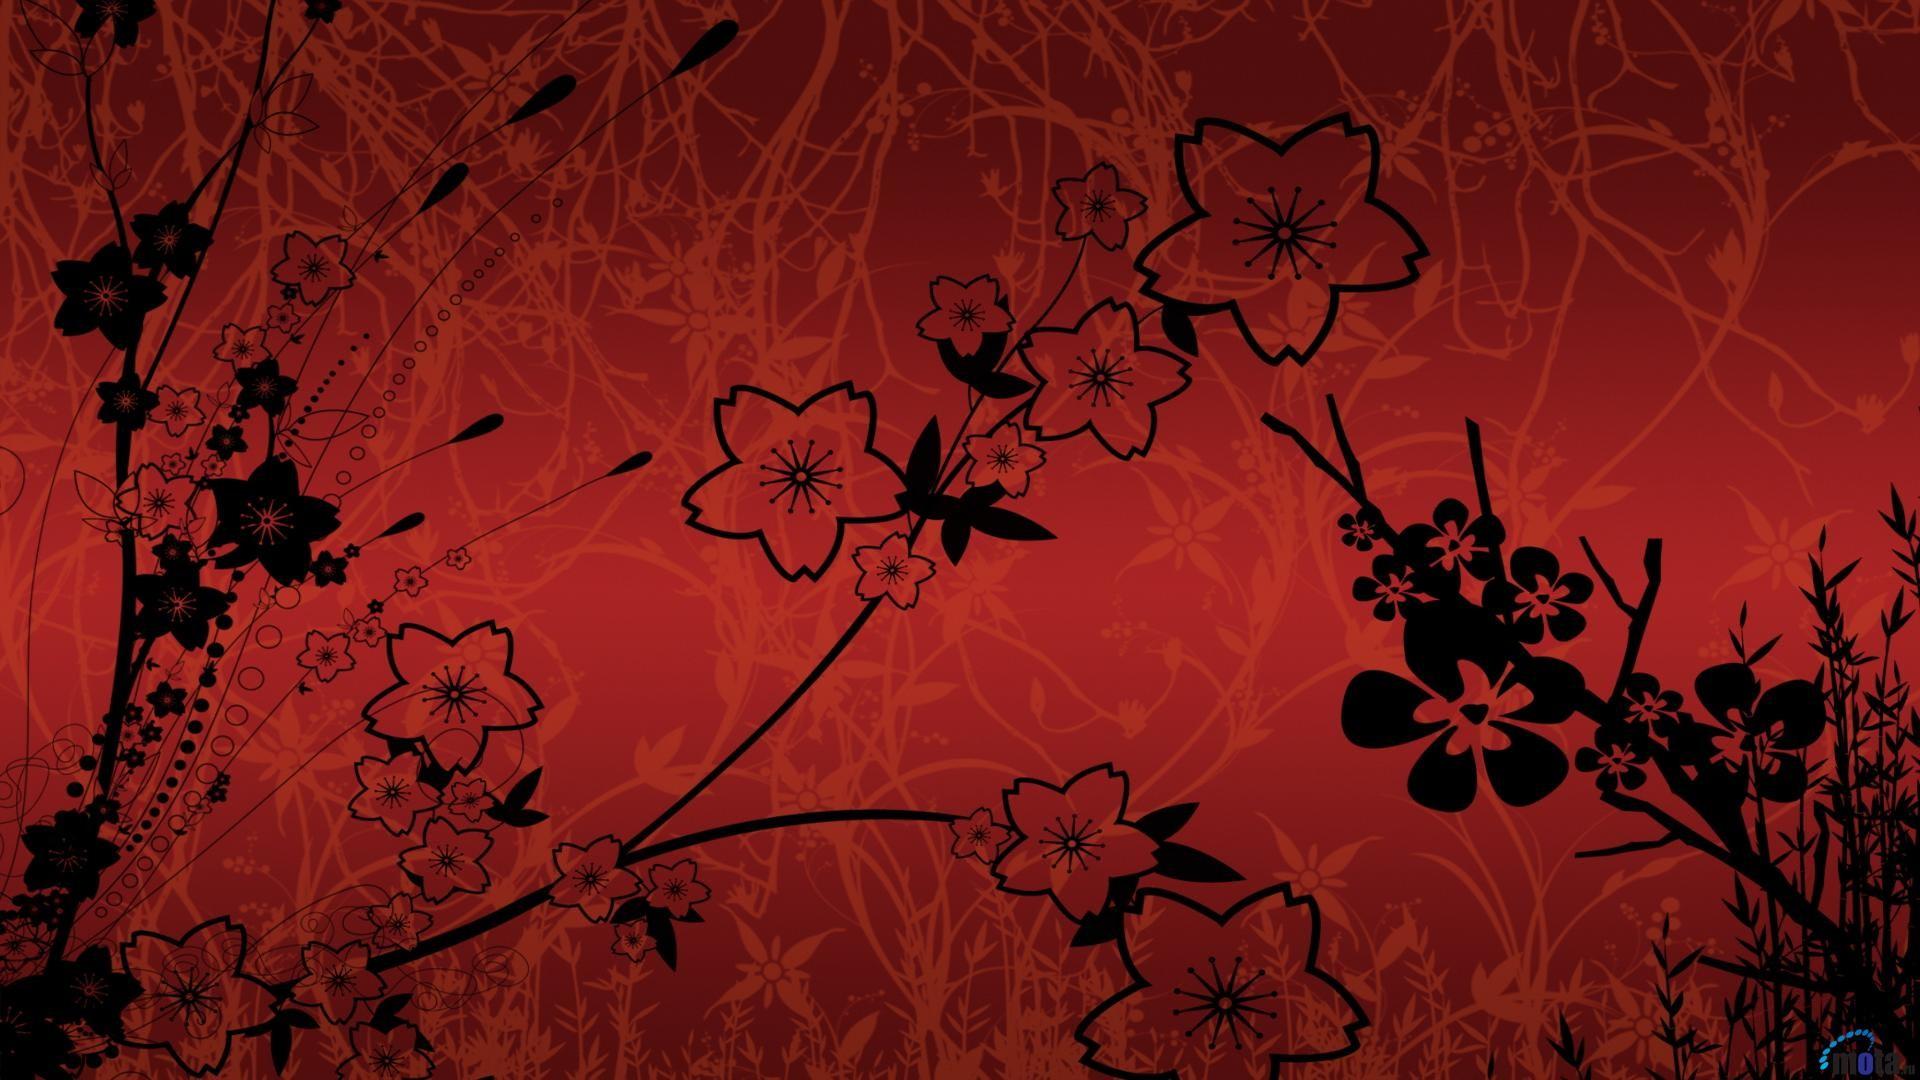 Black and Red 1080p Wallpaper – WallpaperSafari